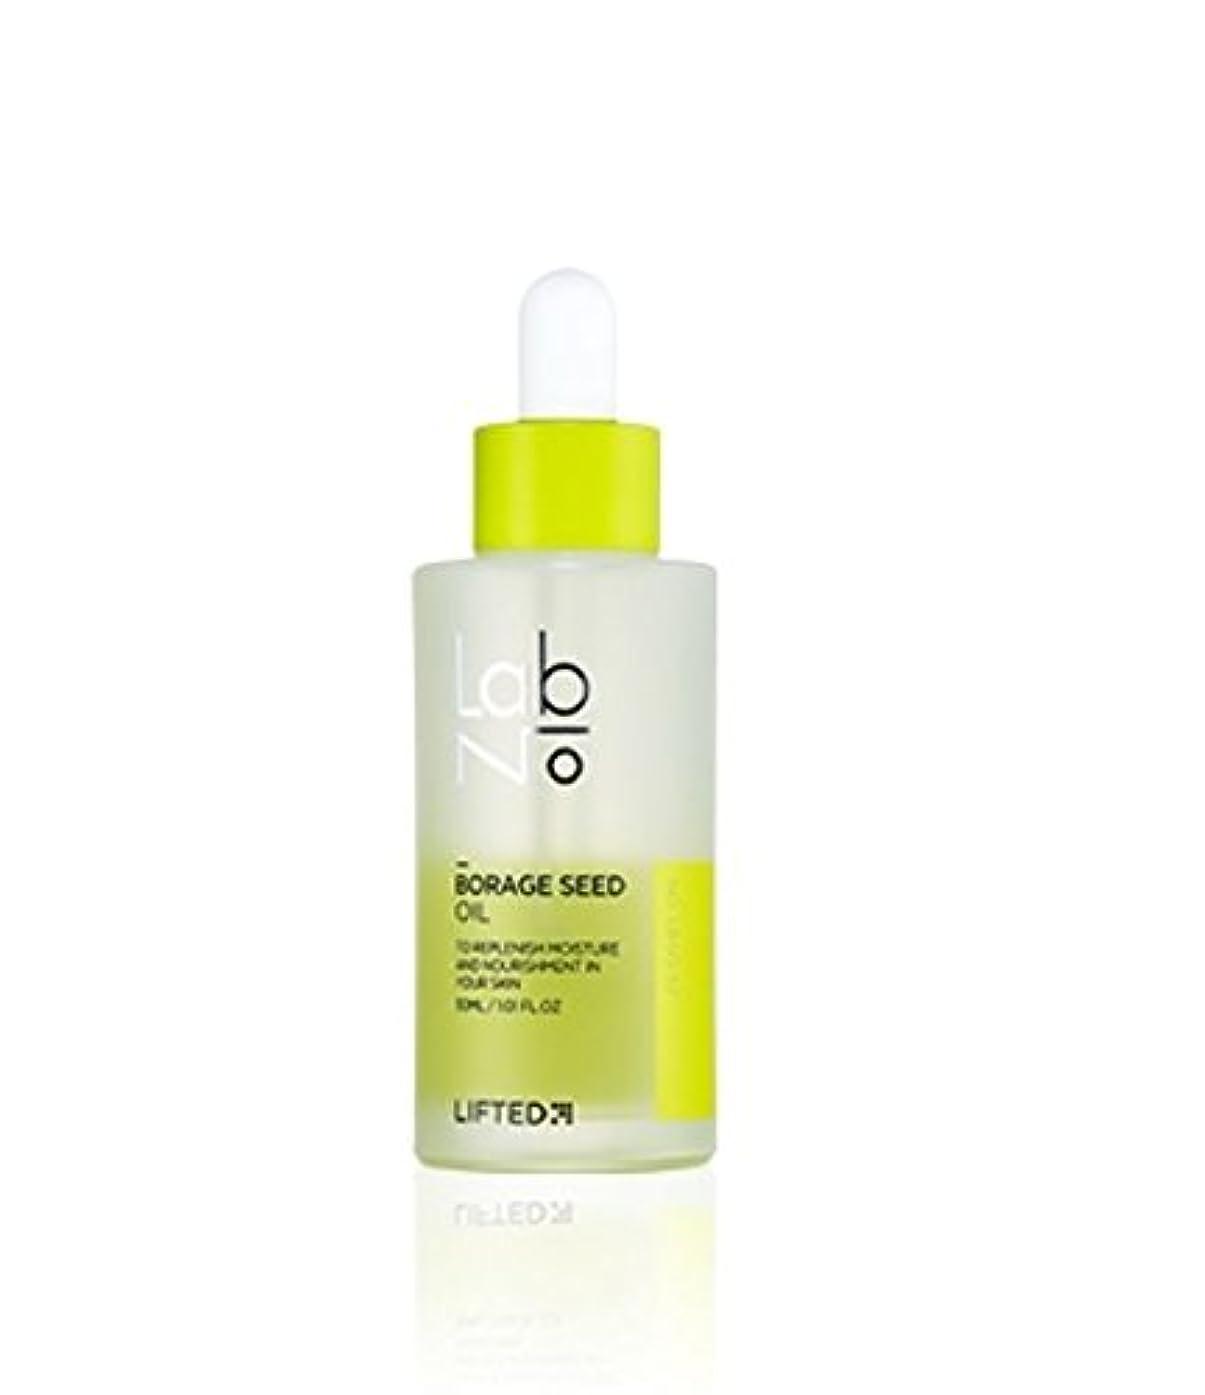 愛されし者収縮しないでくださいLabNo リフティッド ボリジ シード オイル / Labno Lifted Borage Seed Oil (30ml) [並行輸入品]